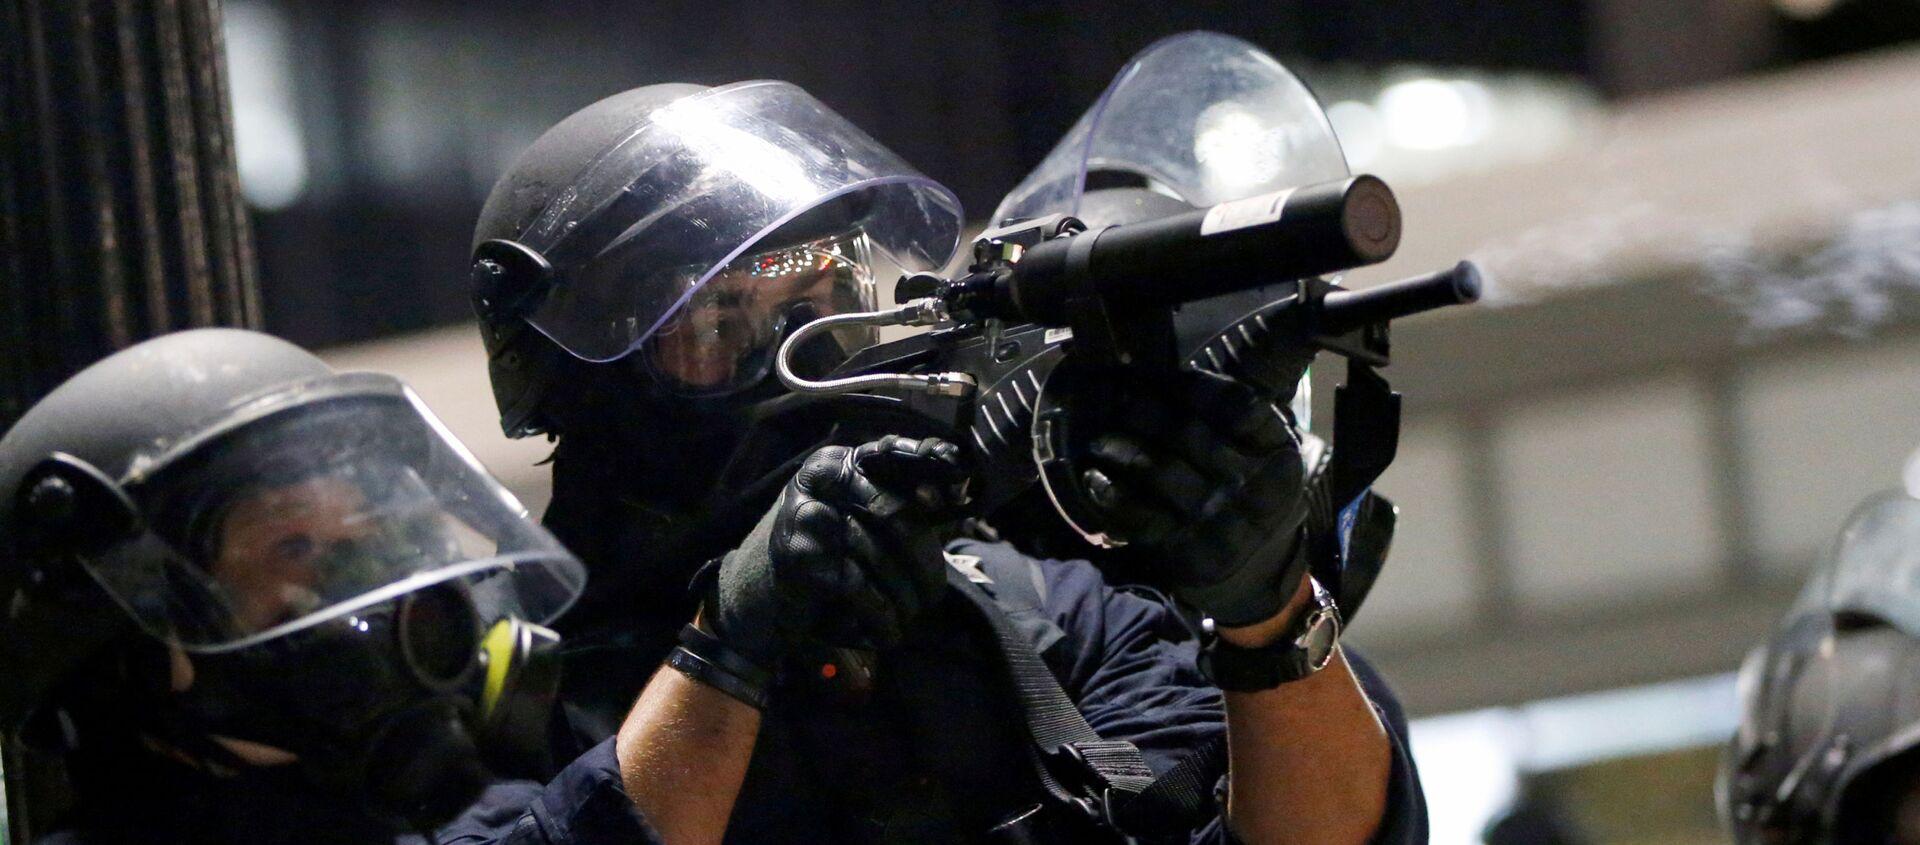 Столкновения демонстрантов с полицией во время акции протеста в Окленде, Калифорния - Sputnik Узбекистан, 1920, 30.05.2020